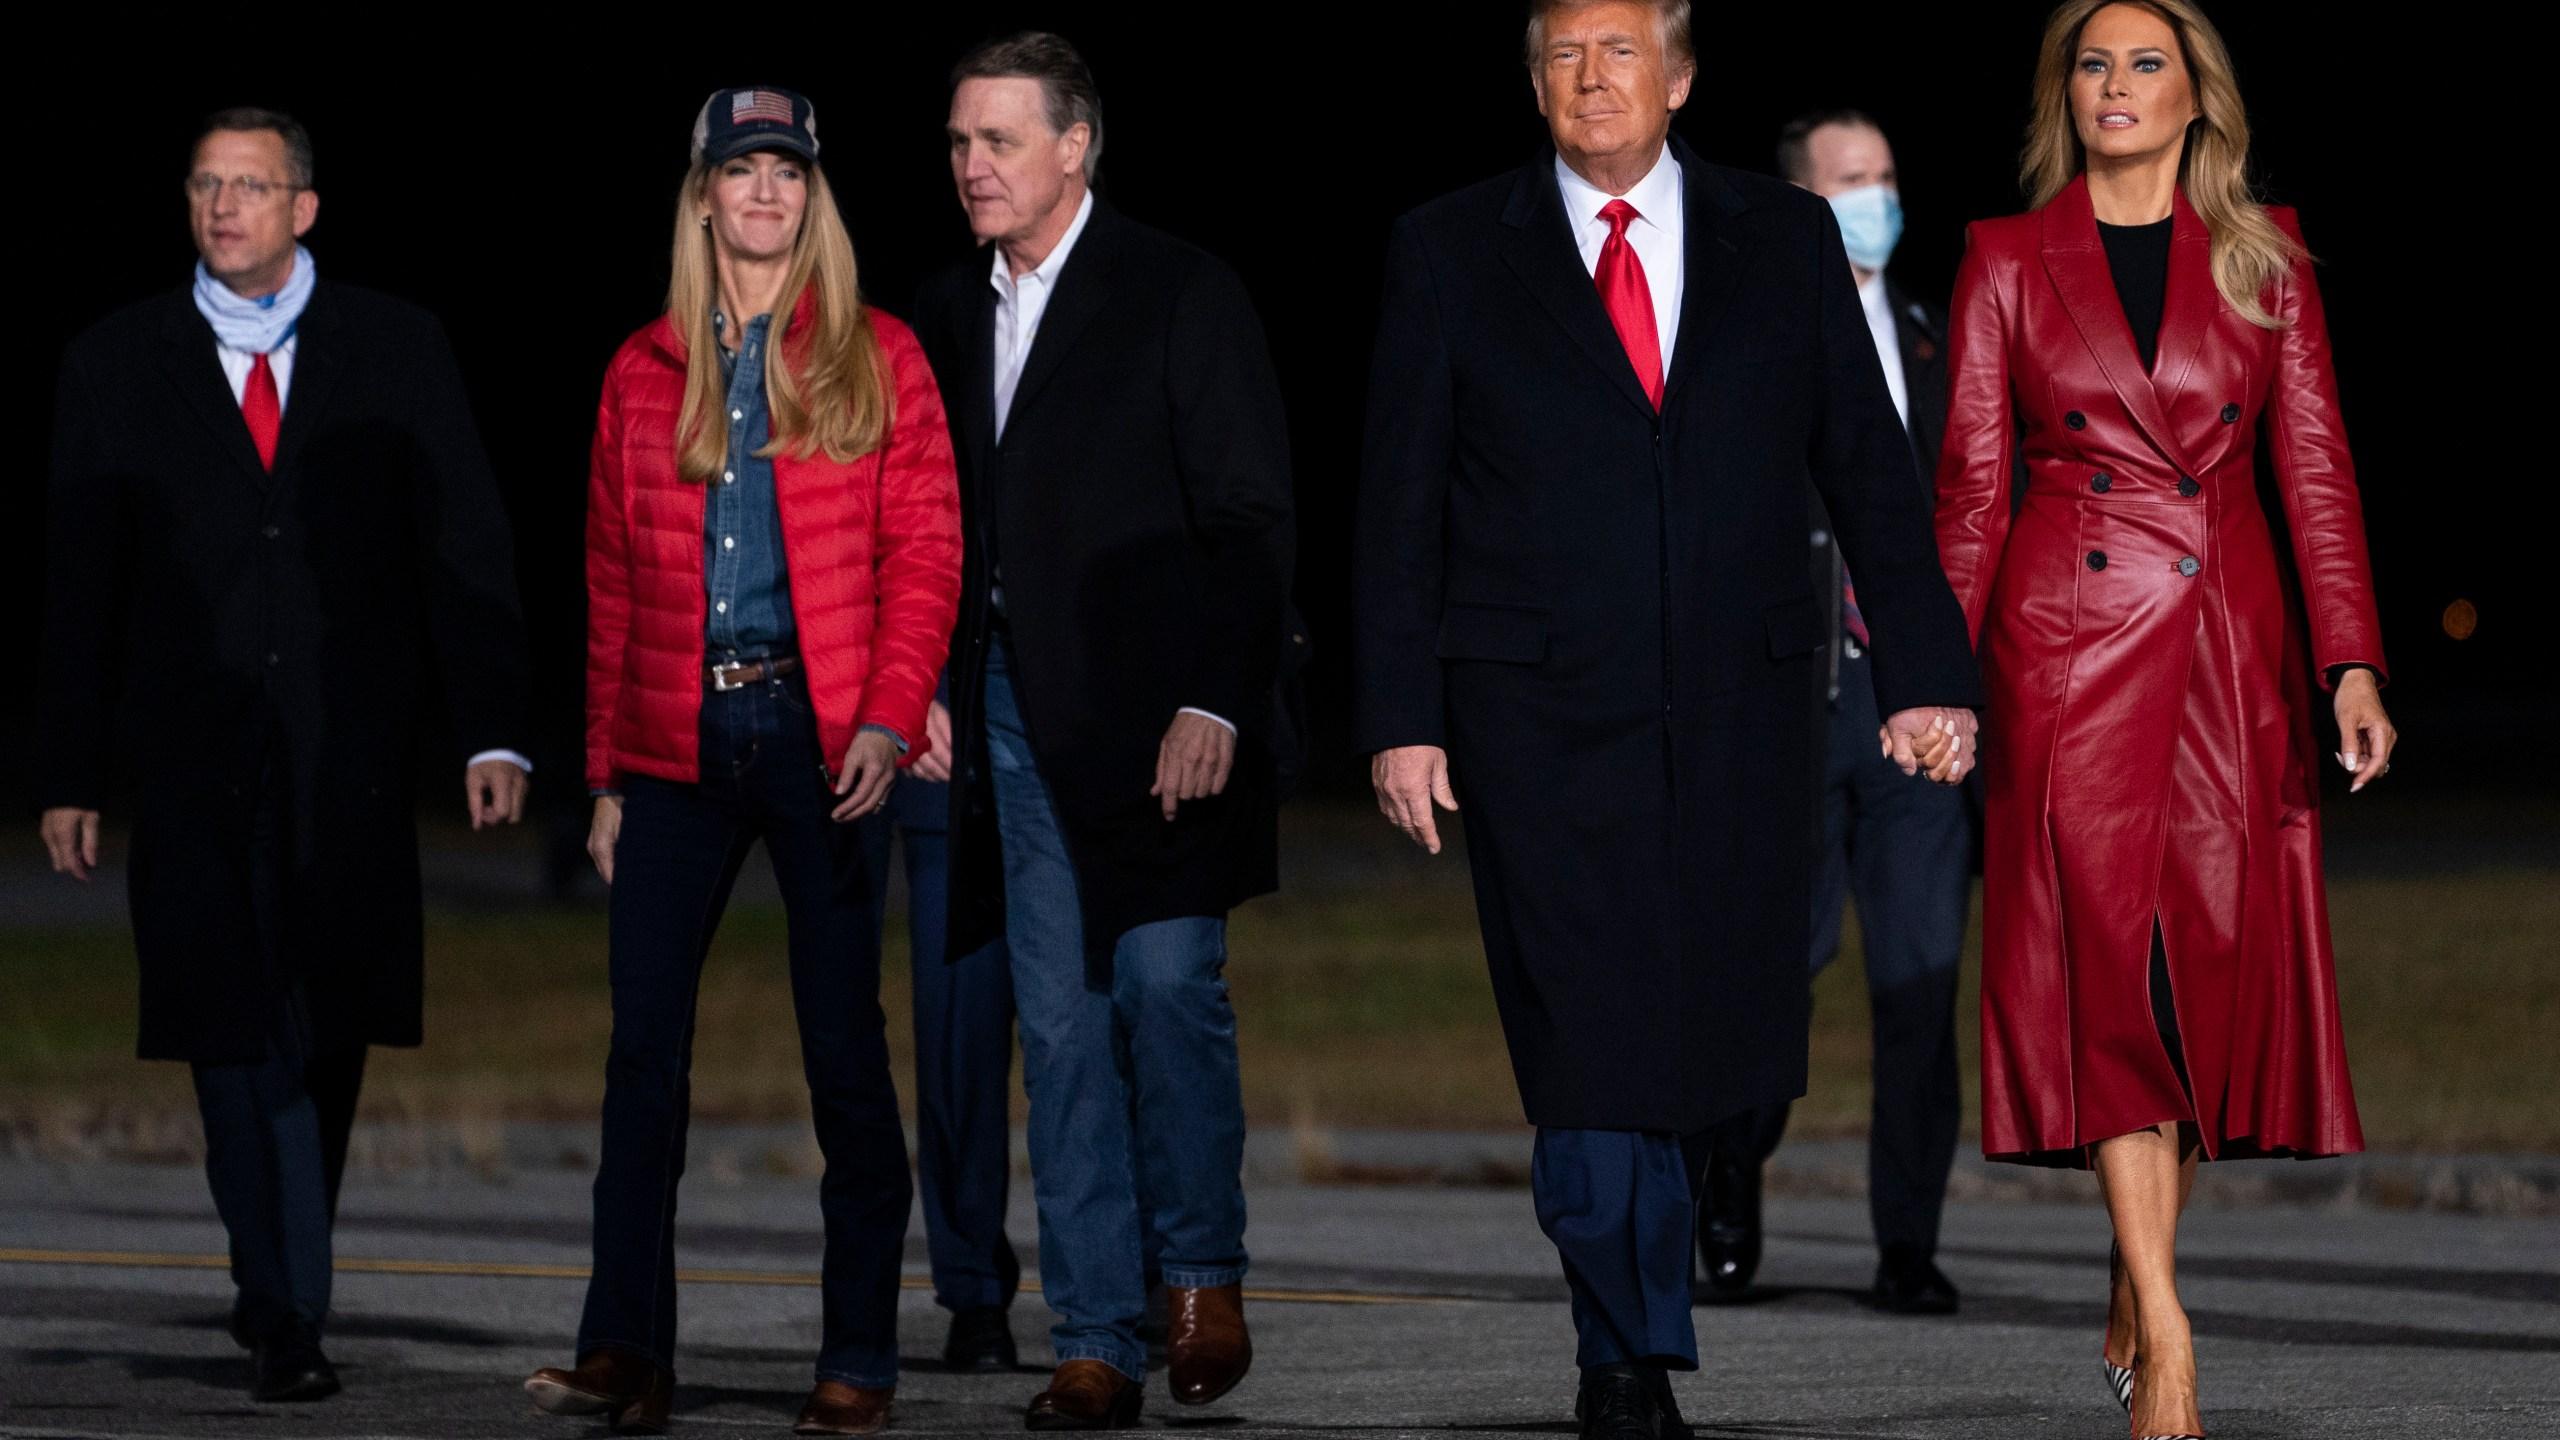 Donald Trump, Melania Trump, Kelly Loeffler, David Perdue